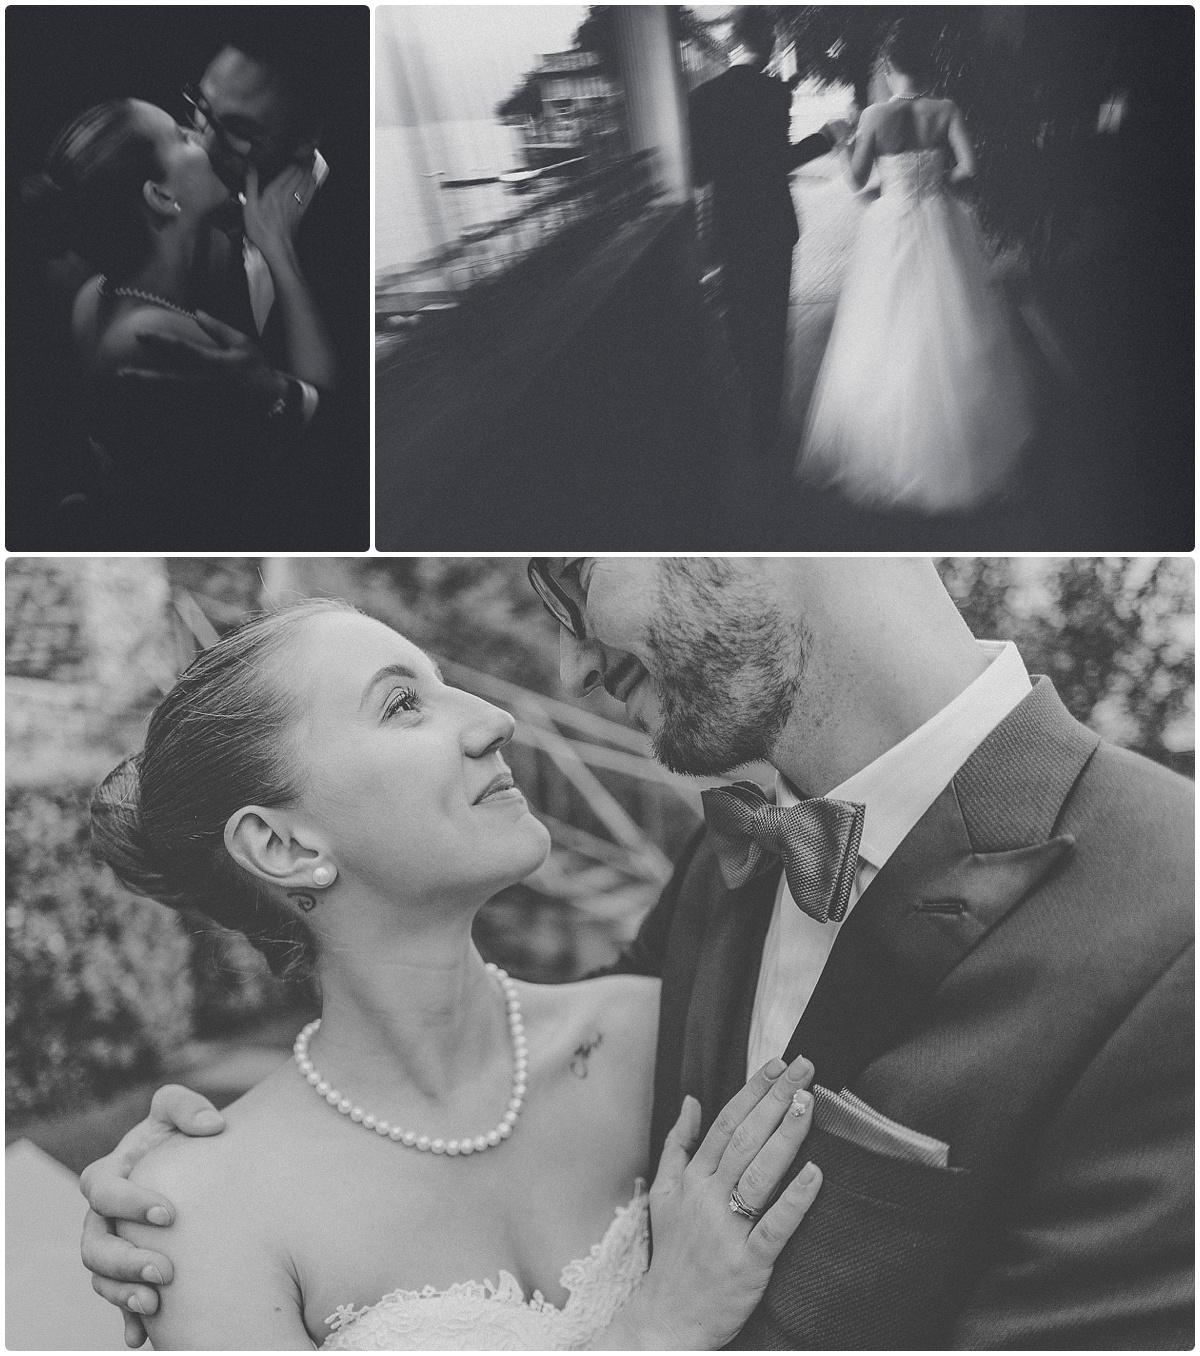 VillaLario_LagodiComo_matrimonio_0033